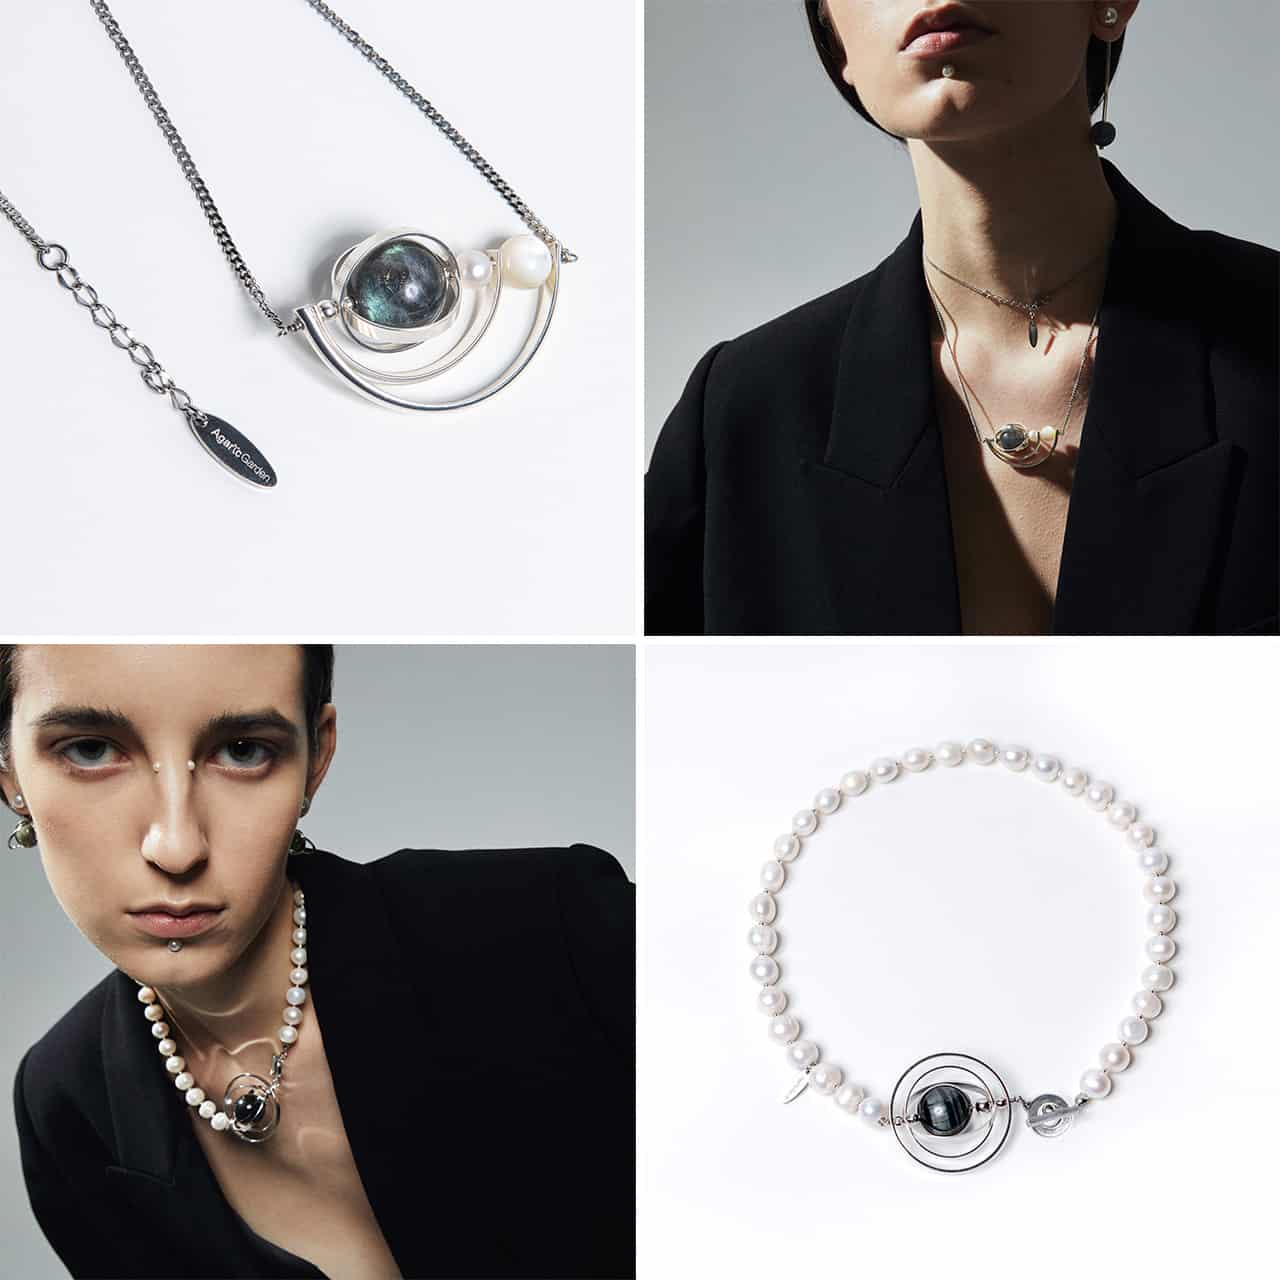 海潮拉長石珍珠項鍊、黑潮土星環珍珠項鍊_圖片提供/Agaric Garden